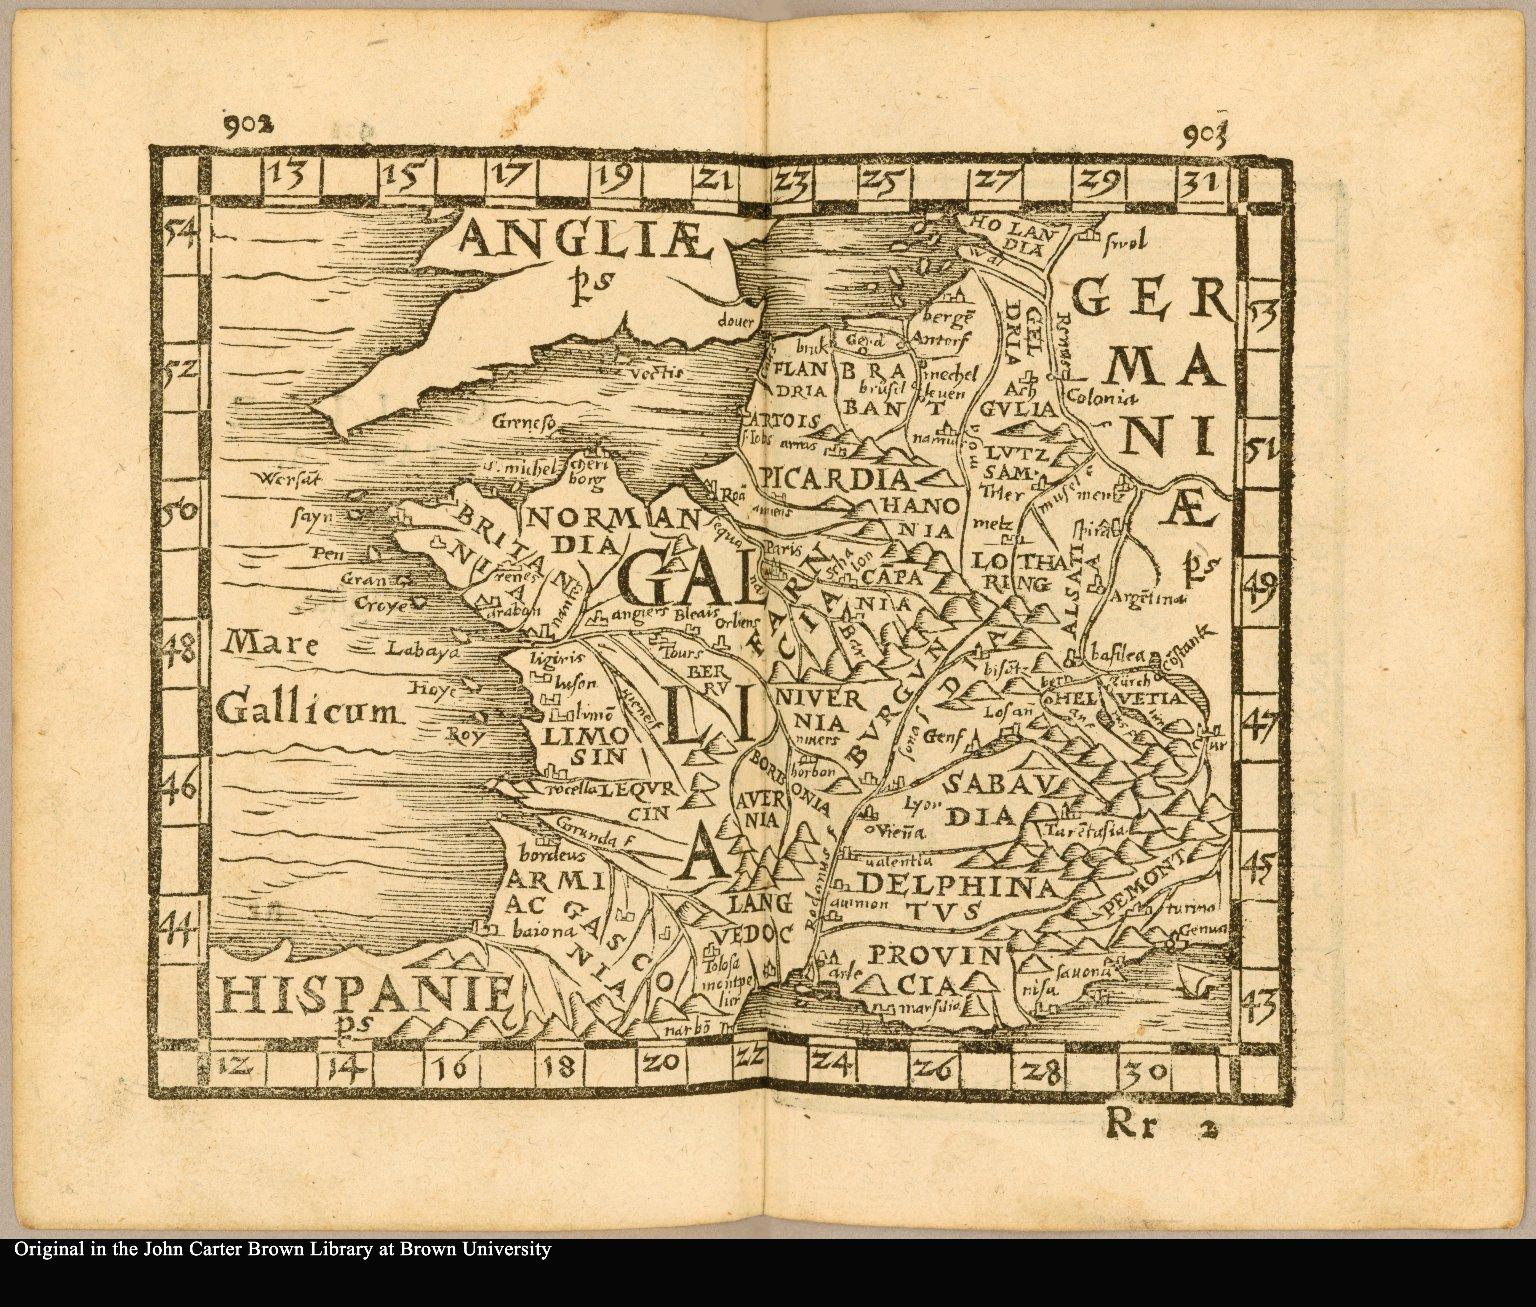 [France] Galliae tabula [title on verso]